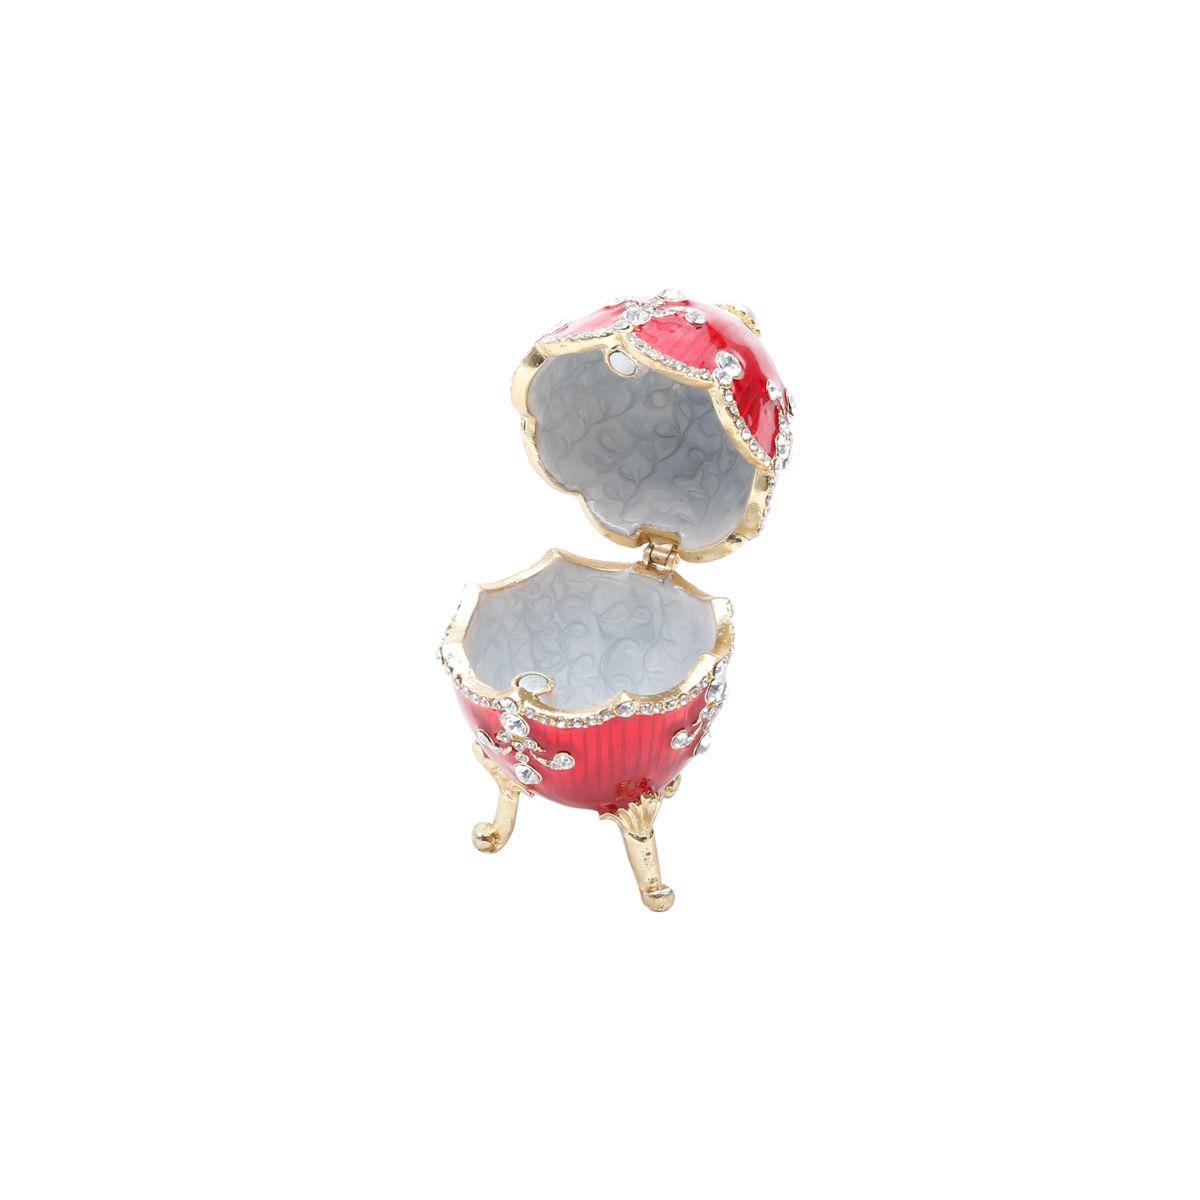 Porta Joias Zamac Ovo Faberge Royal Vermelho 5x5x9cm